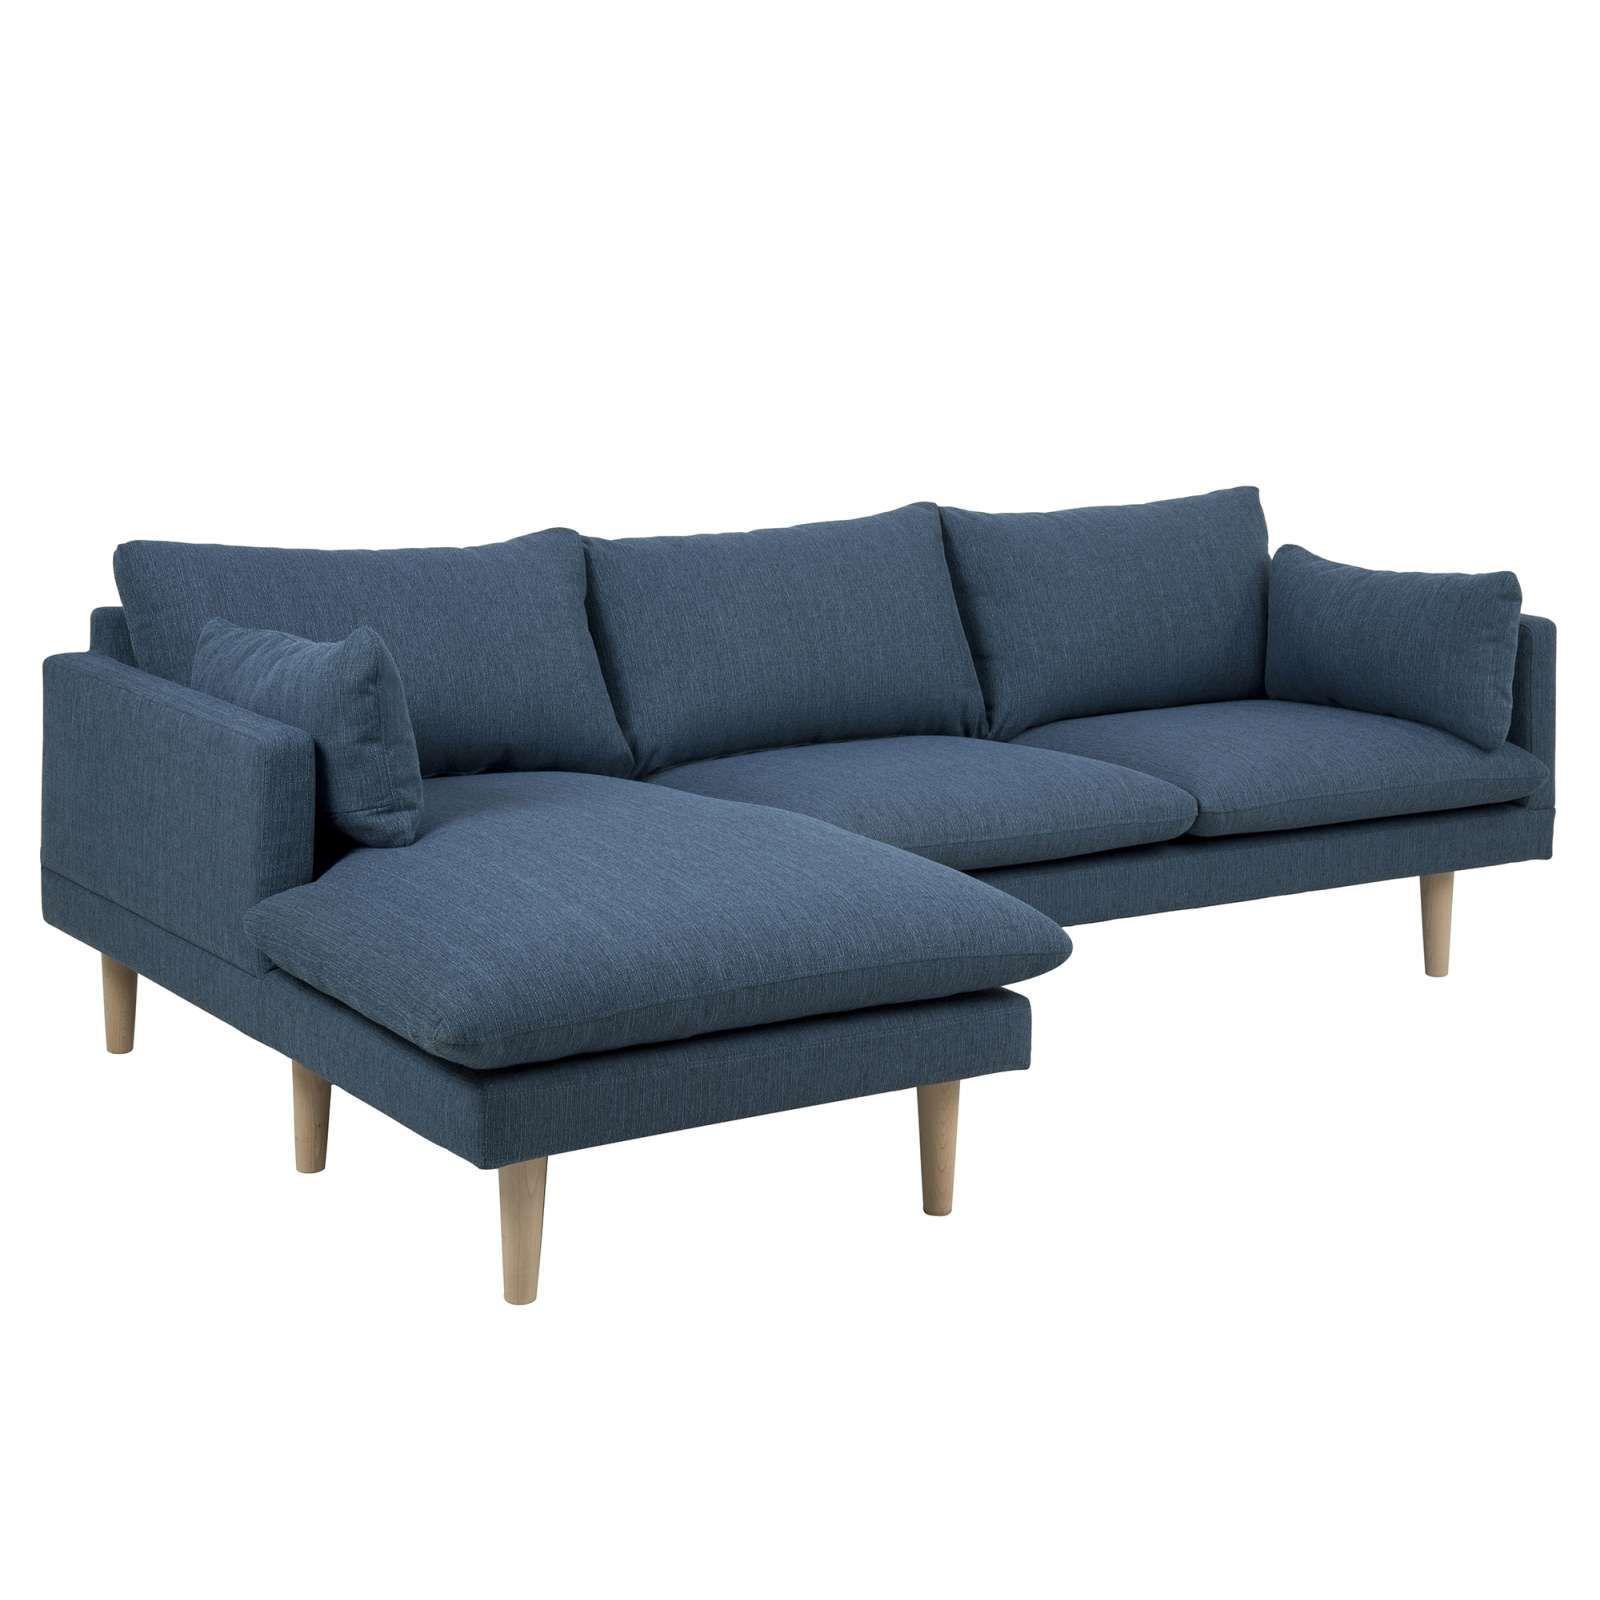 Sunderland L Shaped Fab Left Blue Fabric Sofa Blue Fabric Sofa